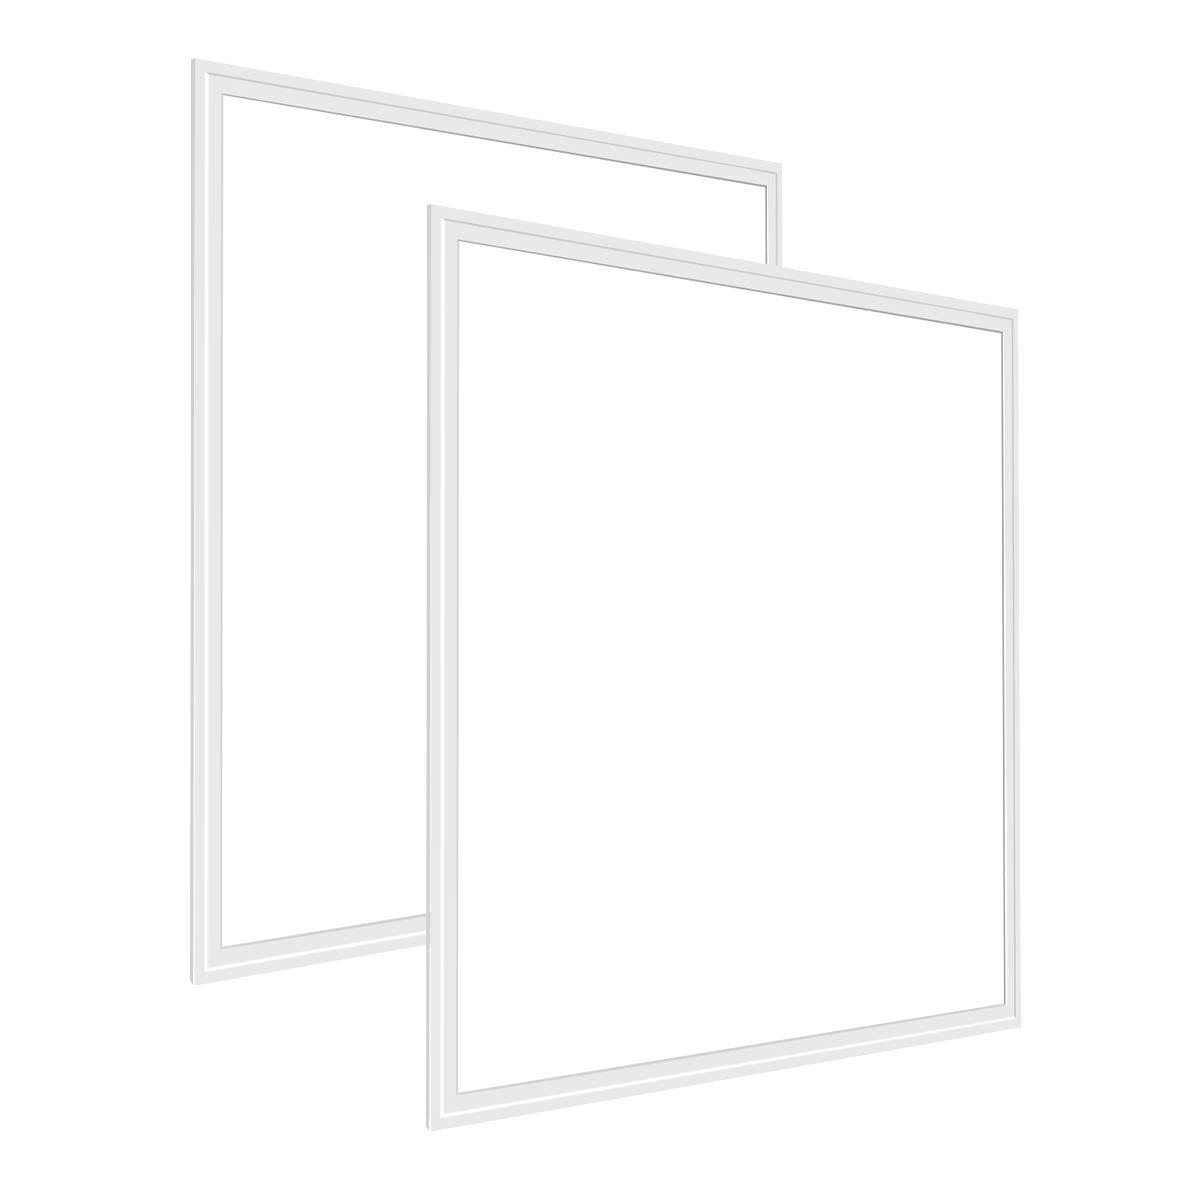 LE 2er 40W quadratische 3800lm led Panel, Ersatz für 80W Leuchtstoffröhren, 3000K Warmweiß, 595x595mm LED Panelleuchten mit Befestigungsmaterial und Treiber/Trafo, LED Panellampen Deckenleuchte Pendelleuchte [Energieklasse A+] 3000K Warmweiß Lighting EVER